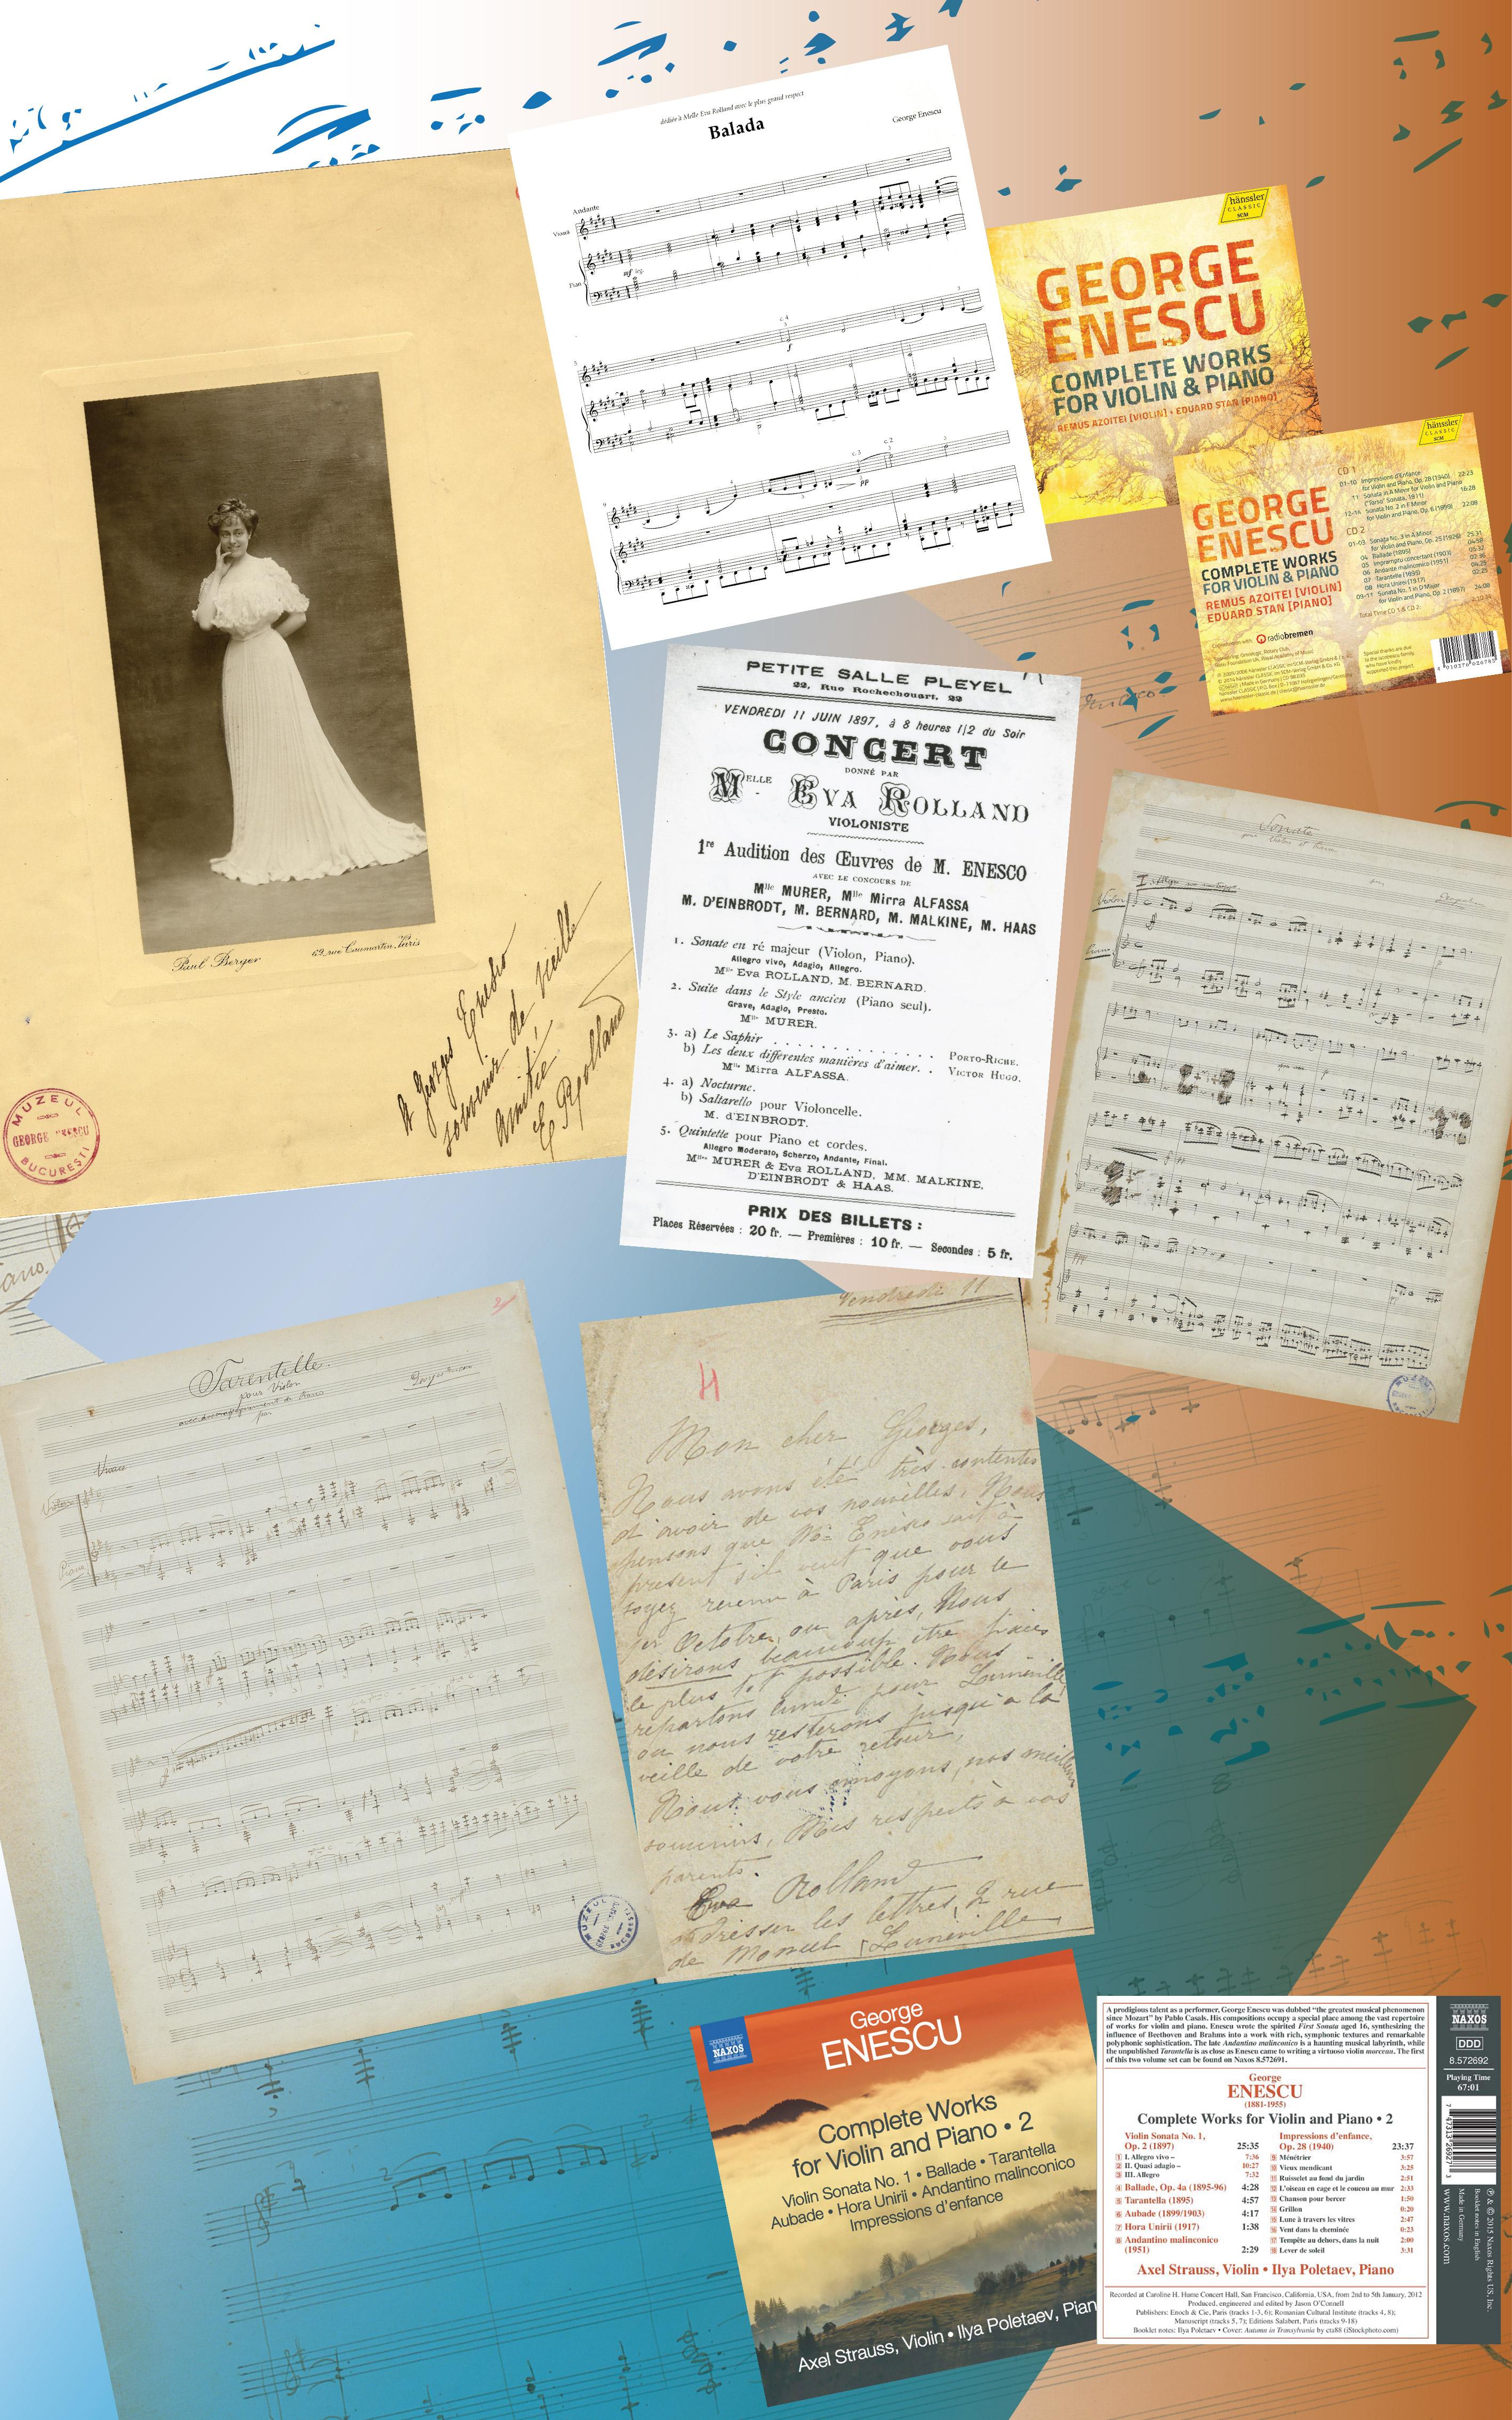 Lucrări pentru vioară și  pian dedicate Evei Rolland: <em>Baladă pentru vioară și pian </em>(1895)<em>;</em> <em>Sonată  pentru vioară și pian în la minor </em>(1895); <em>Tarantela pentru vioară și  pian </em>(1895)